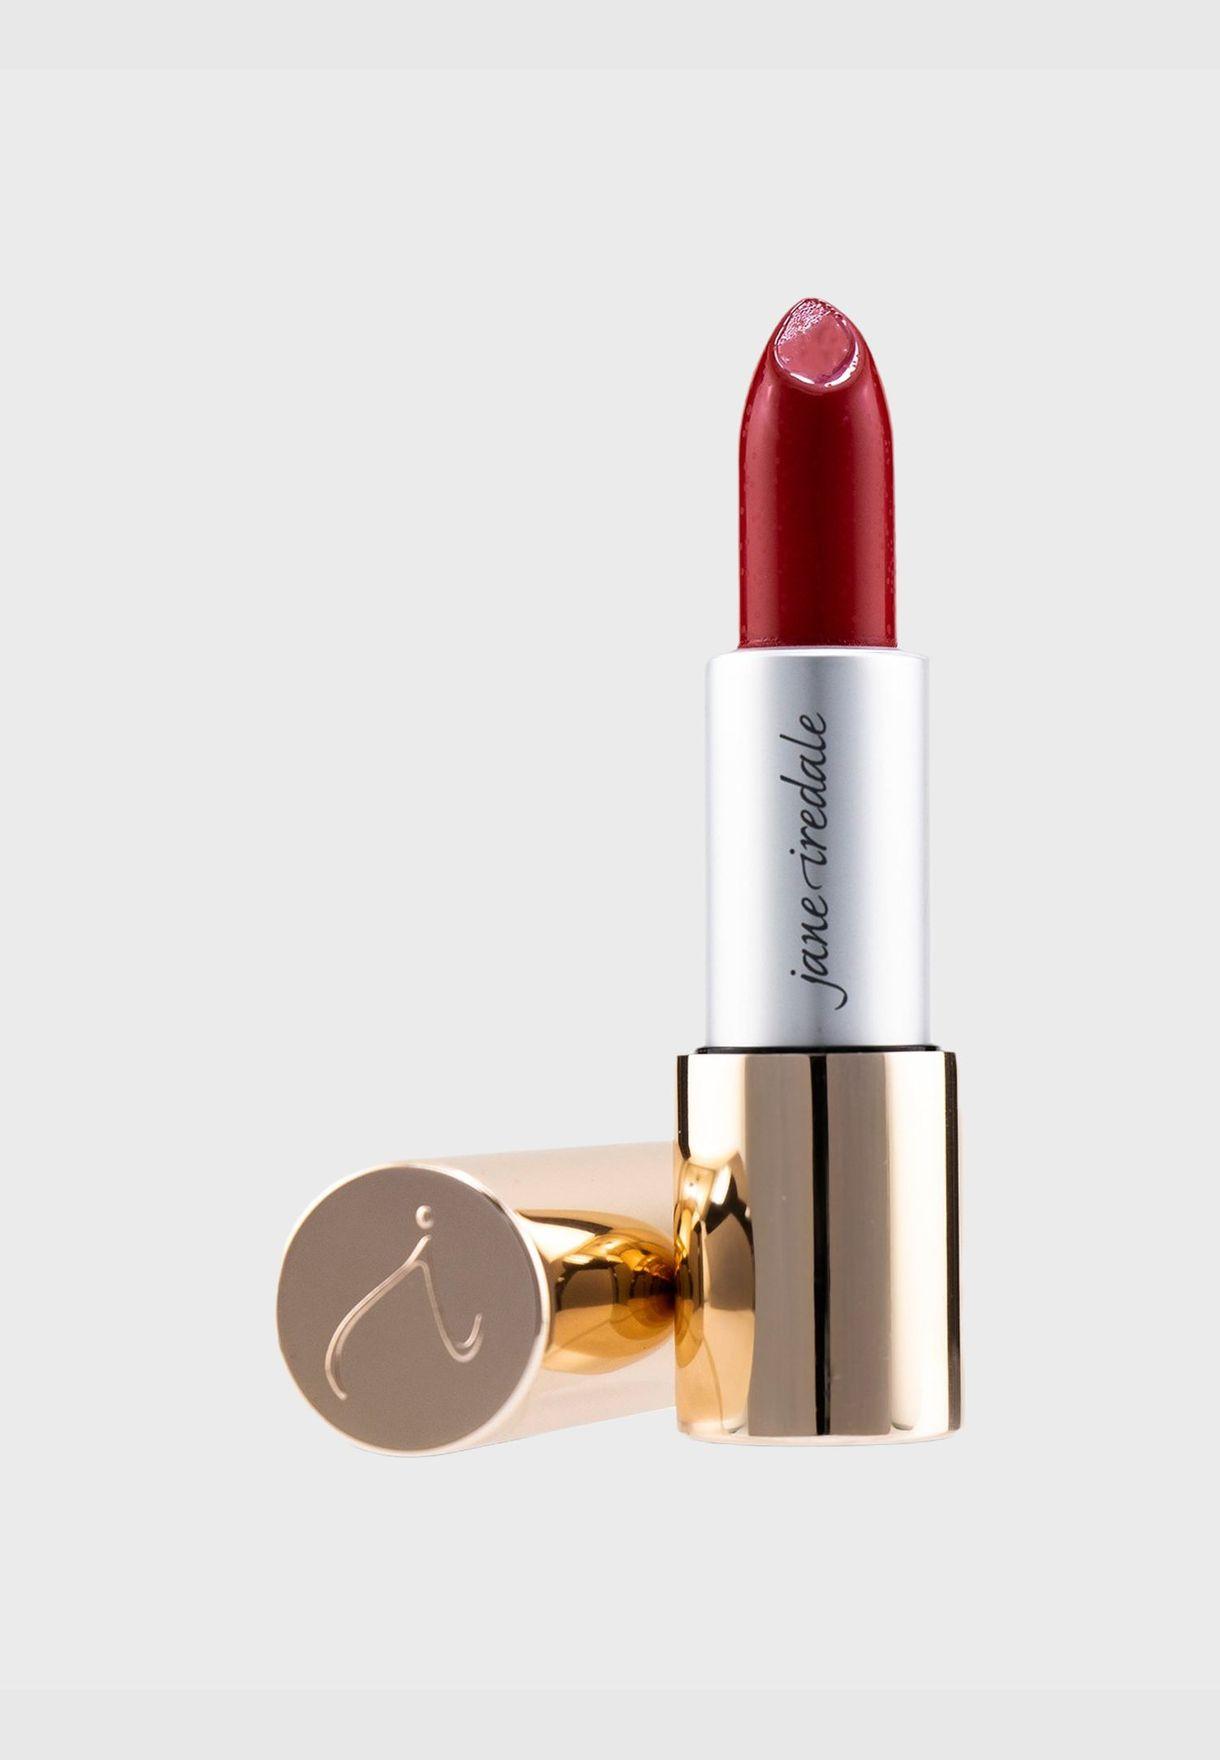 أحمر شفاه مرطب طبيعي طويل الأمد Triple Luxe - # Gwen